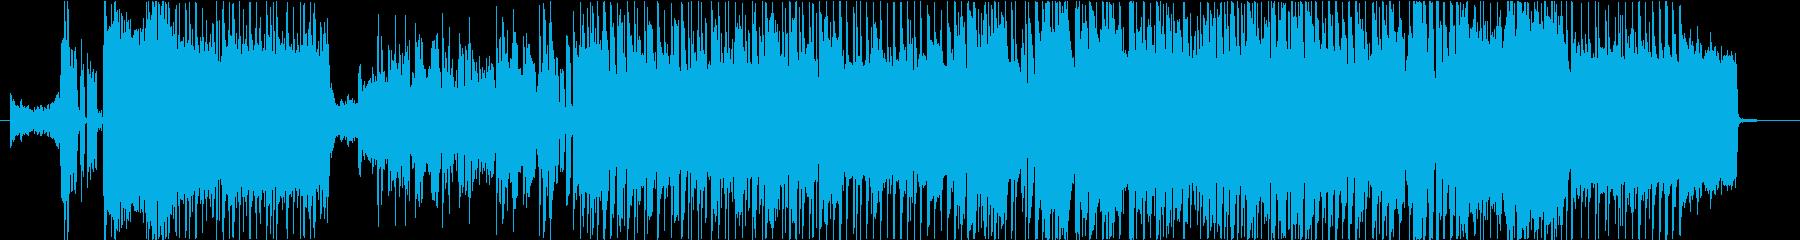 アニメ風和系オープニング曲の再生済みの波形